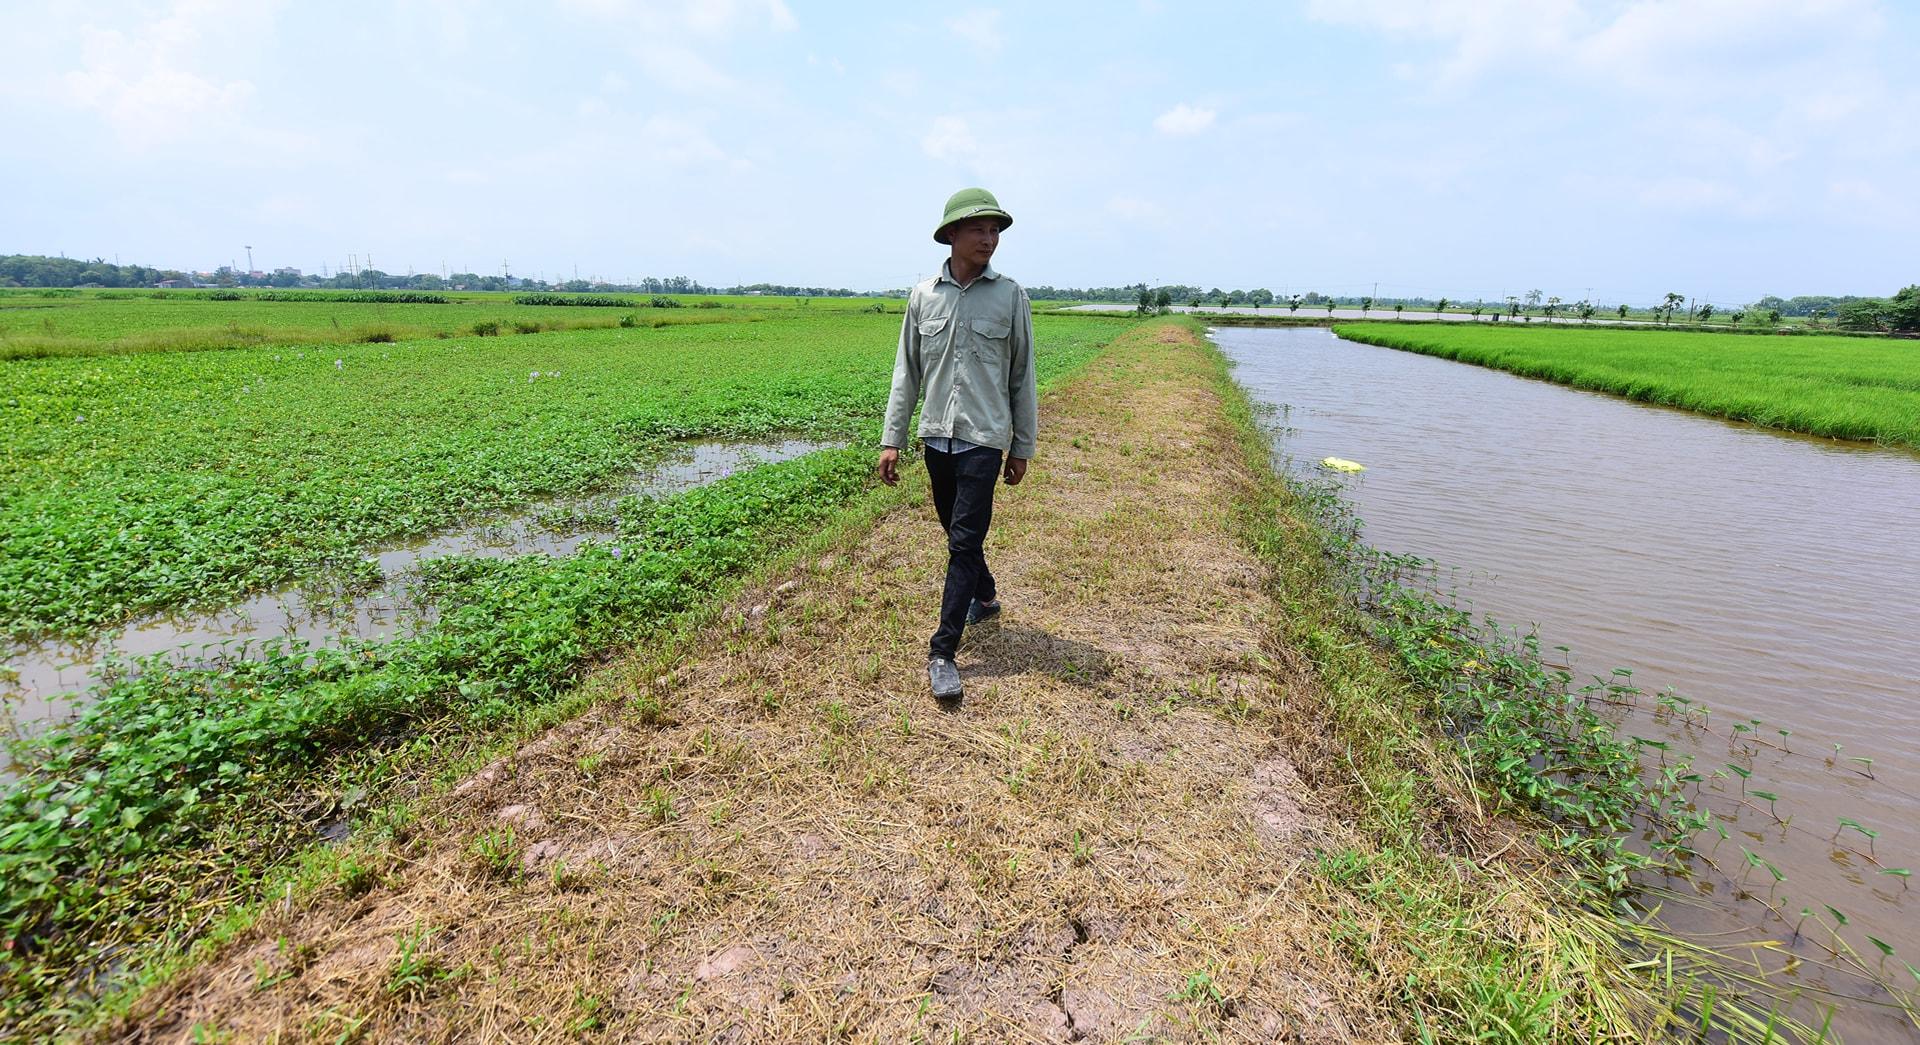 Triệu đi trên cánh đồng trũng, nơi có dự án 'khu công nghiệp' chưa bao giờ được khởi công